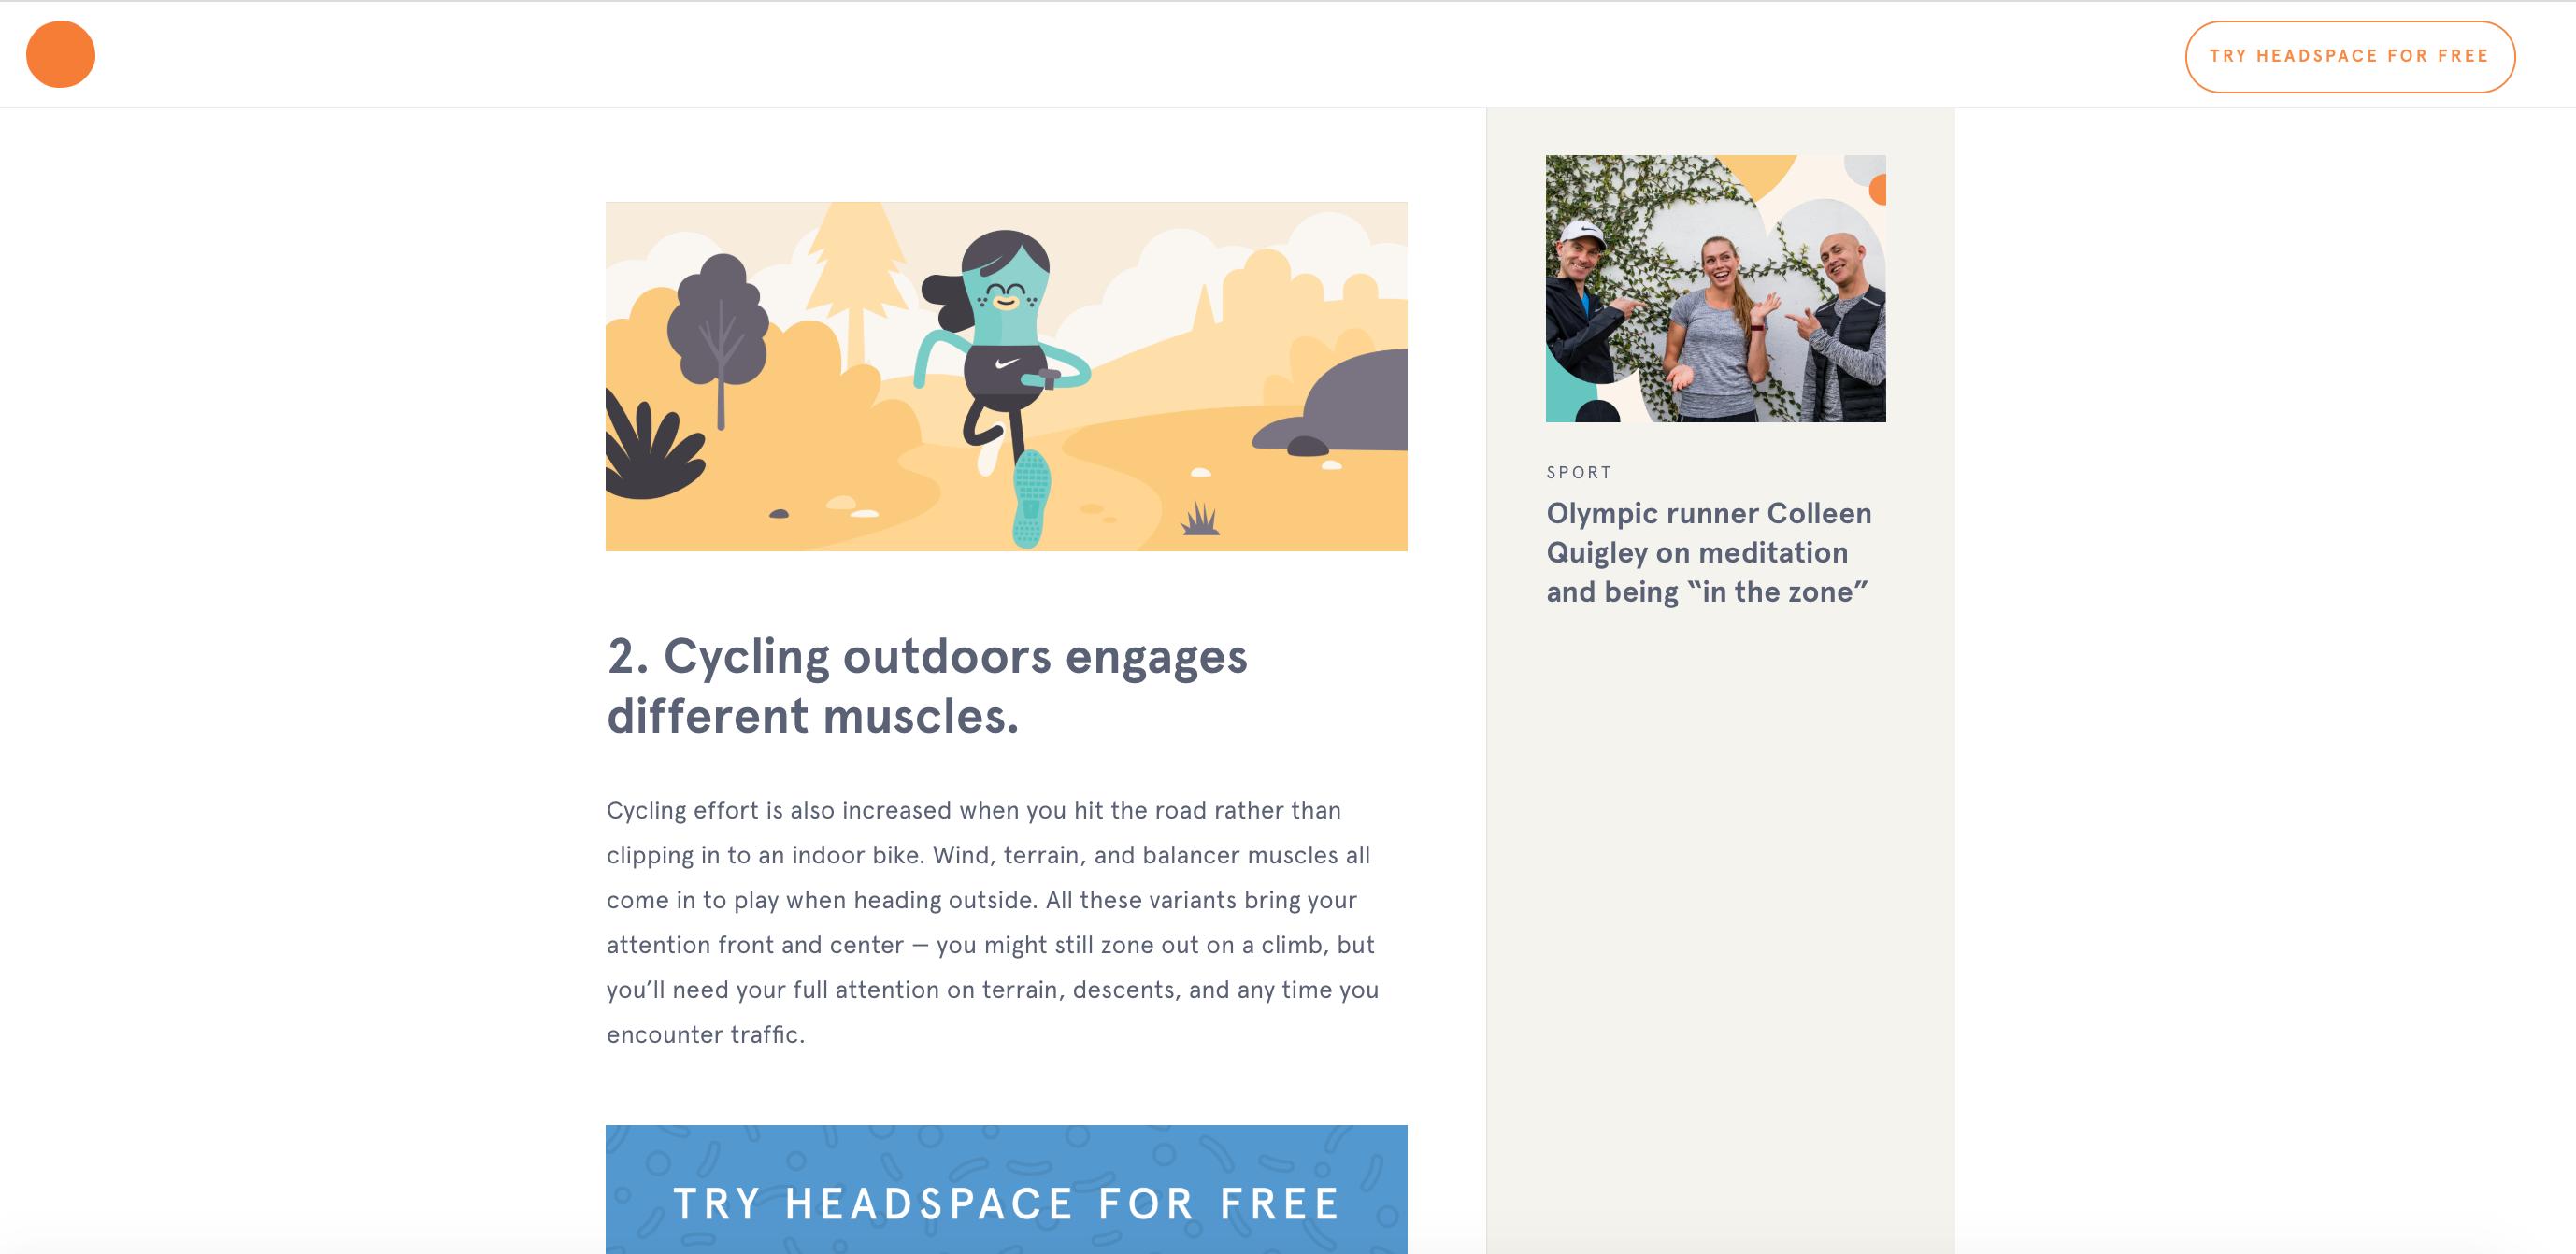 Stratégie d'engagement Headspace